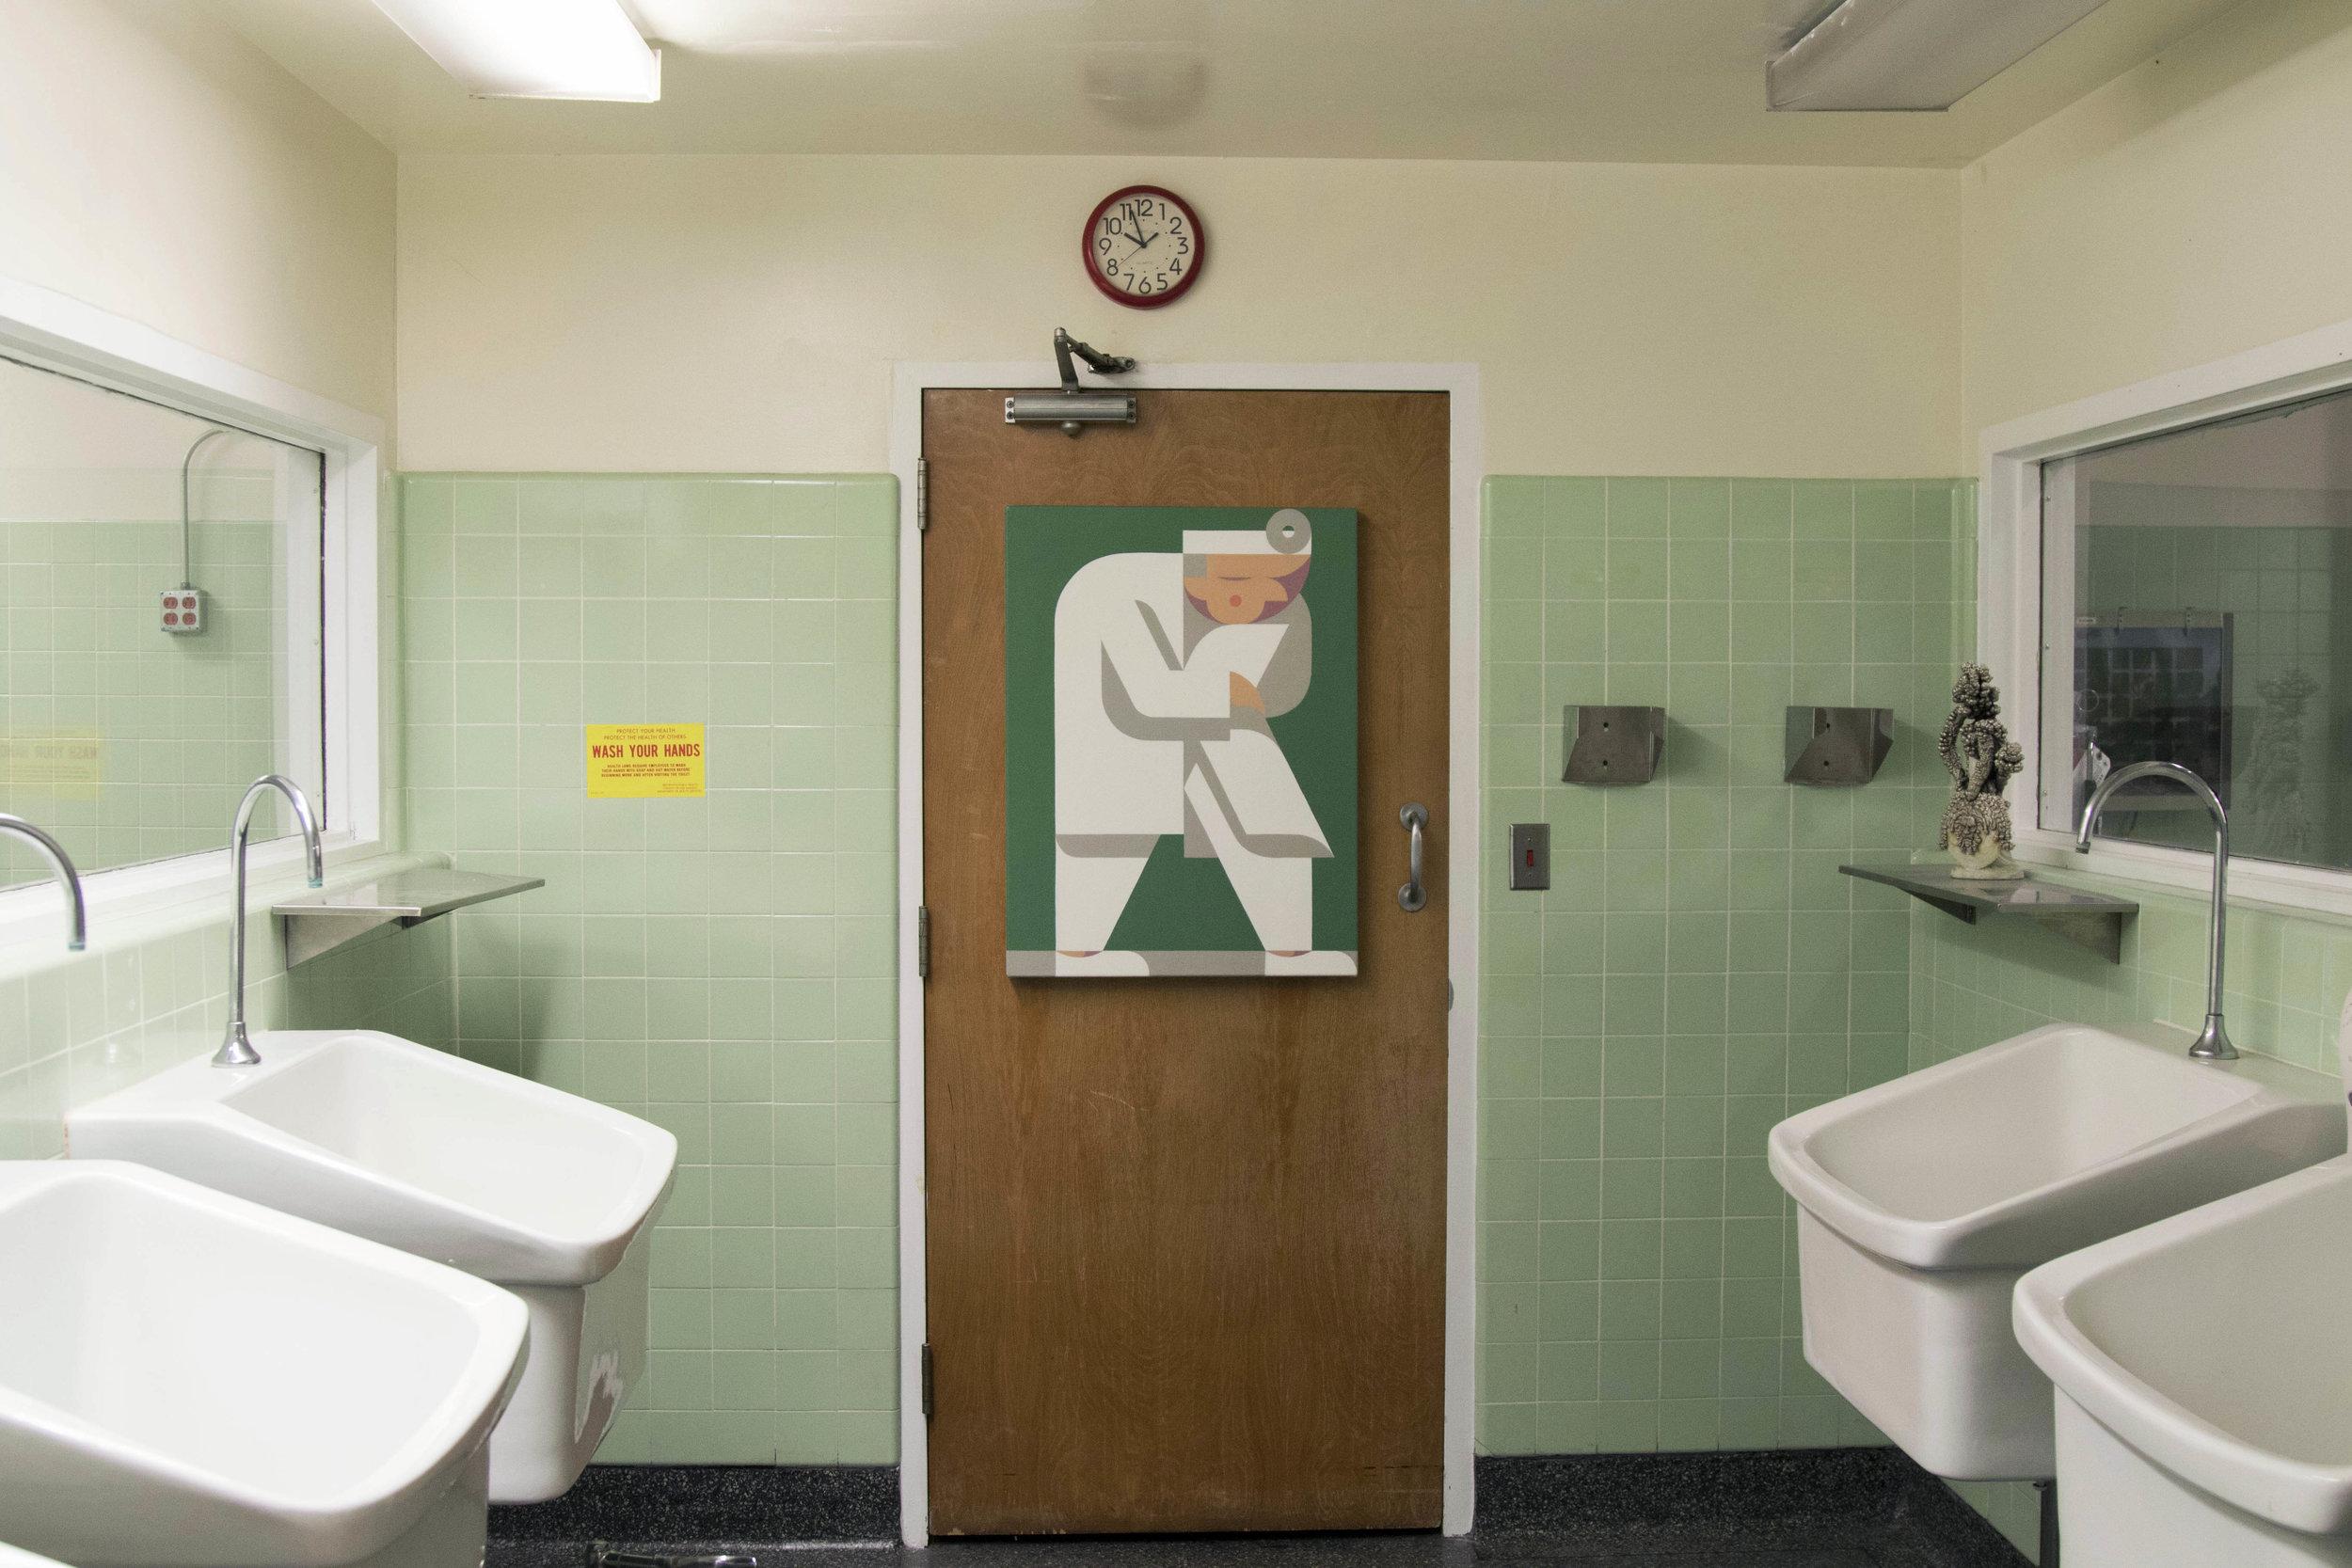 Hospital_install4.jpg